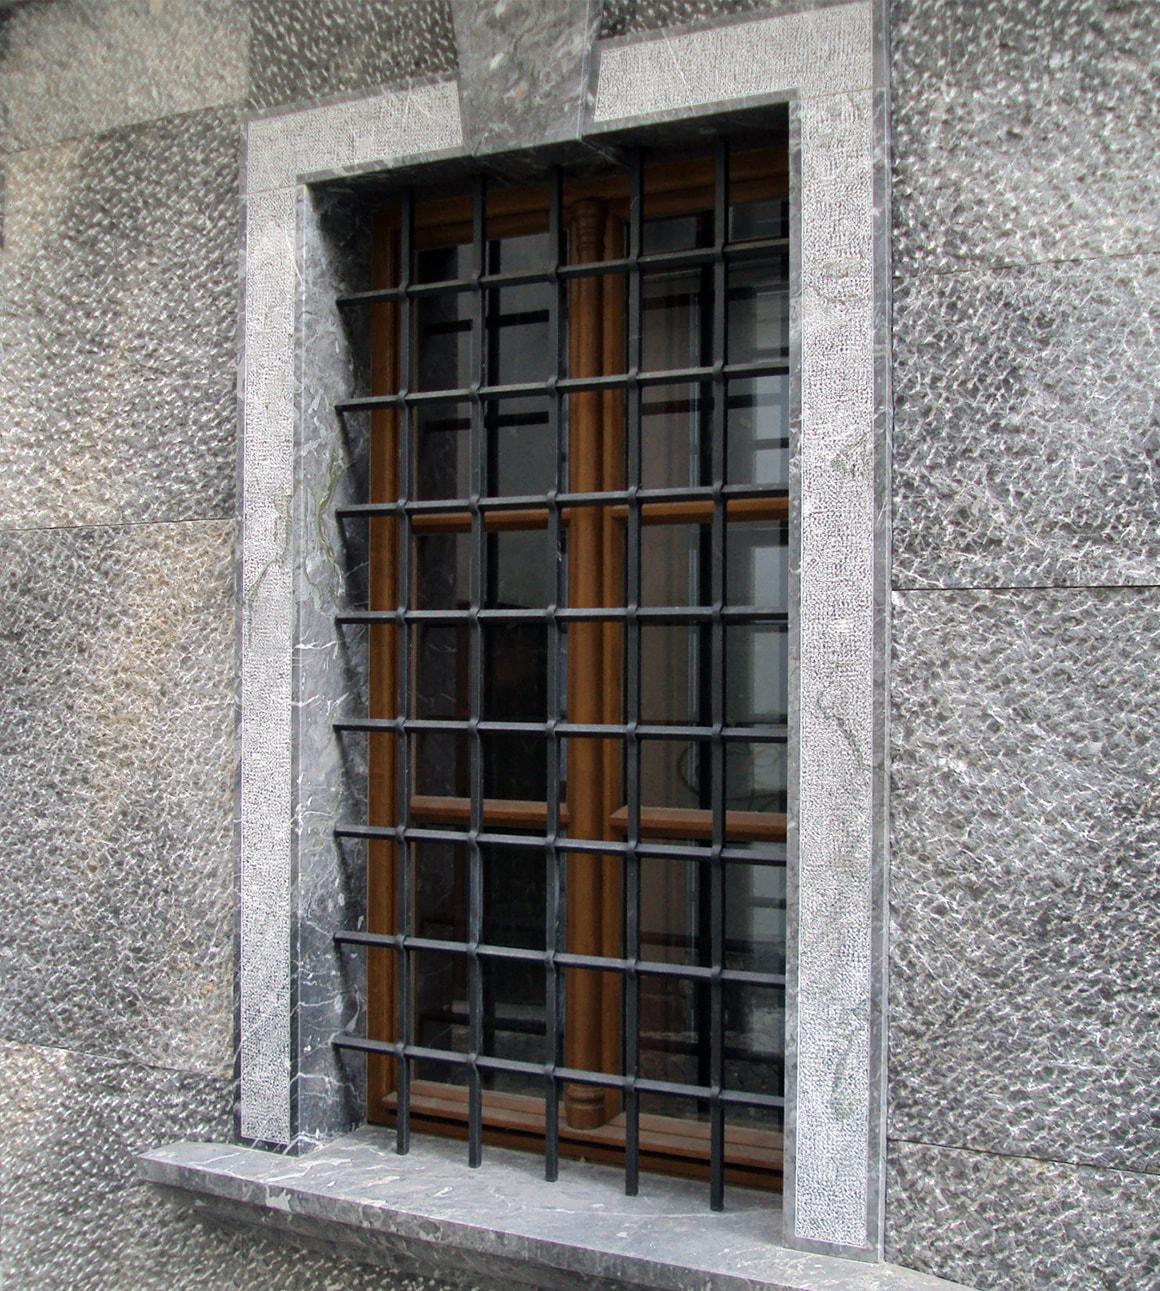 Okenske mreže, kovane okenske mreže cenik